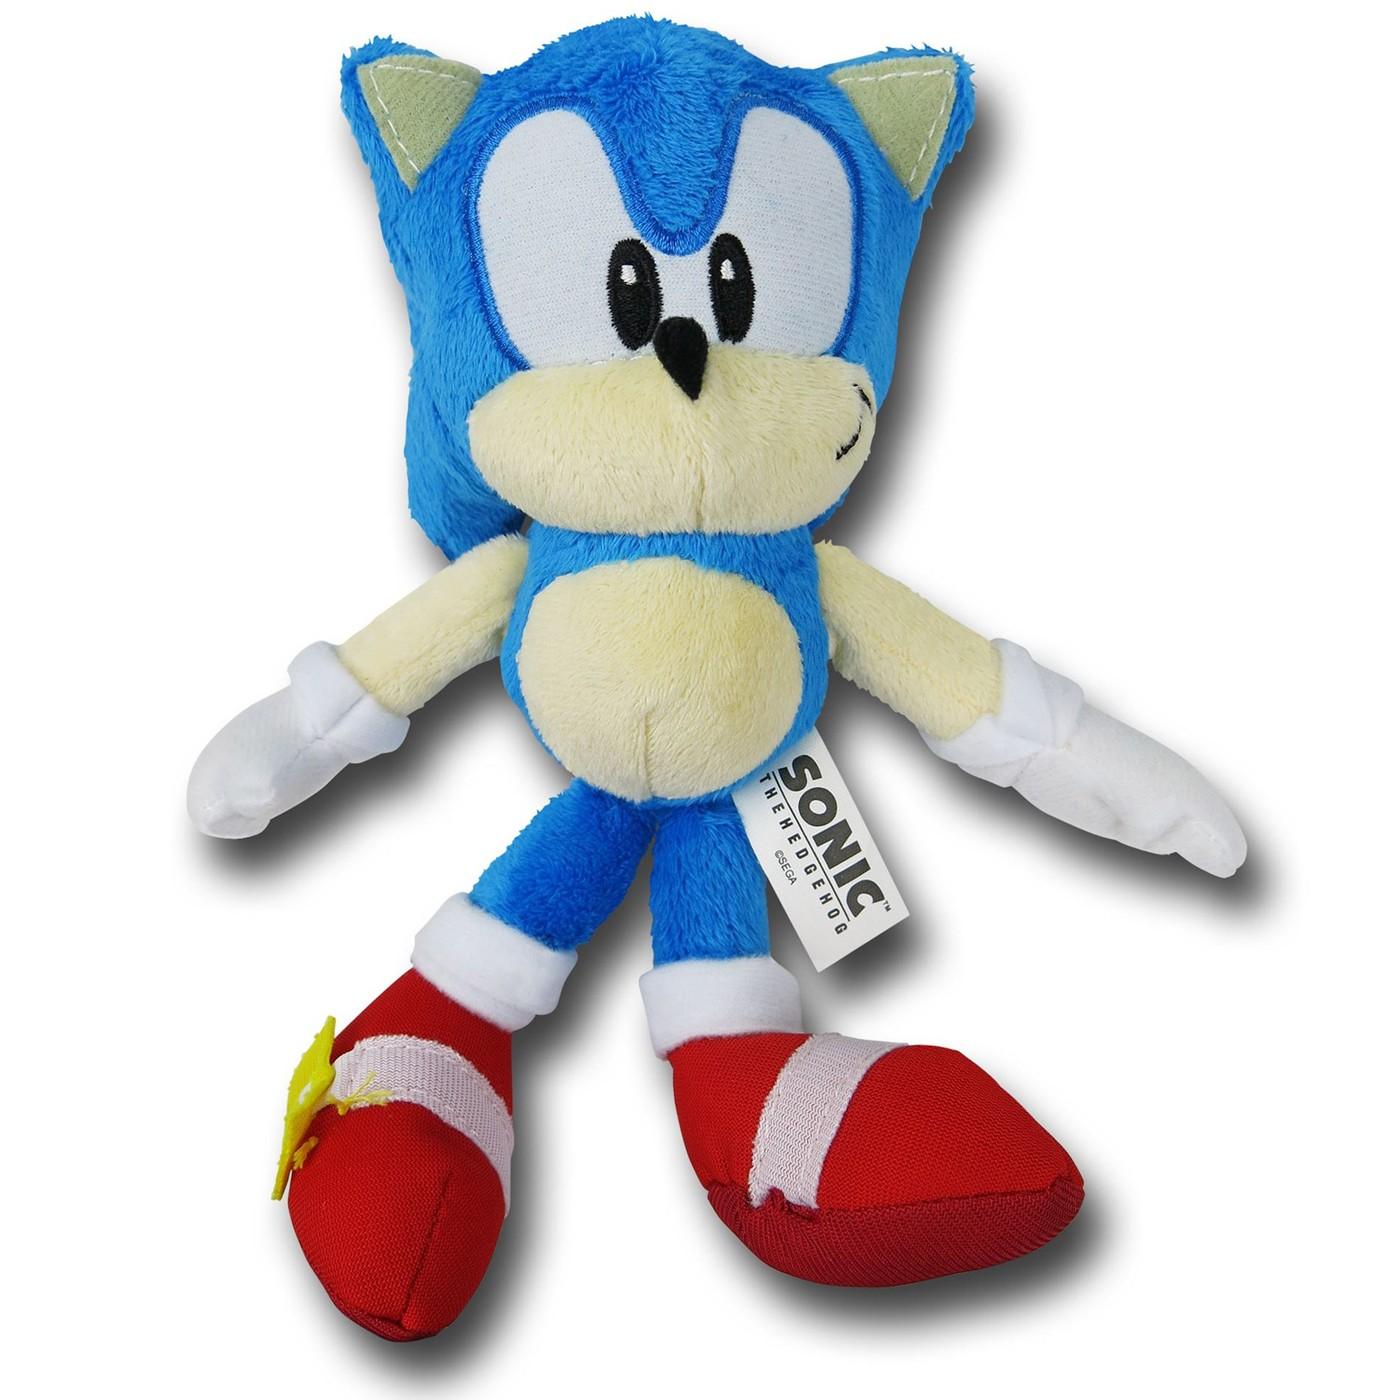 Sonic The Hedgehog Plush